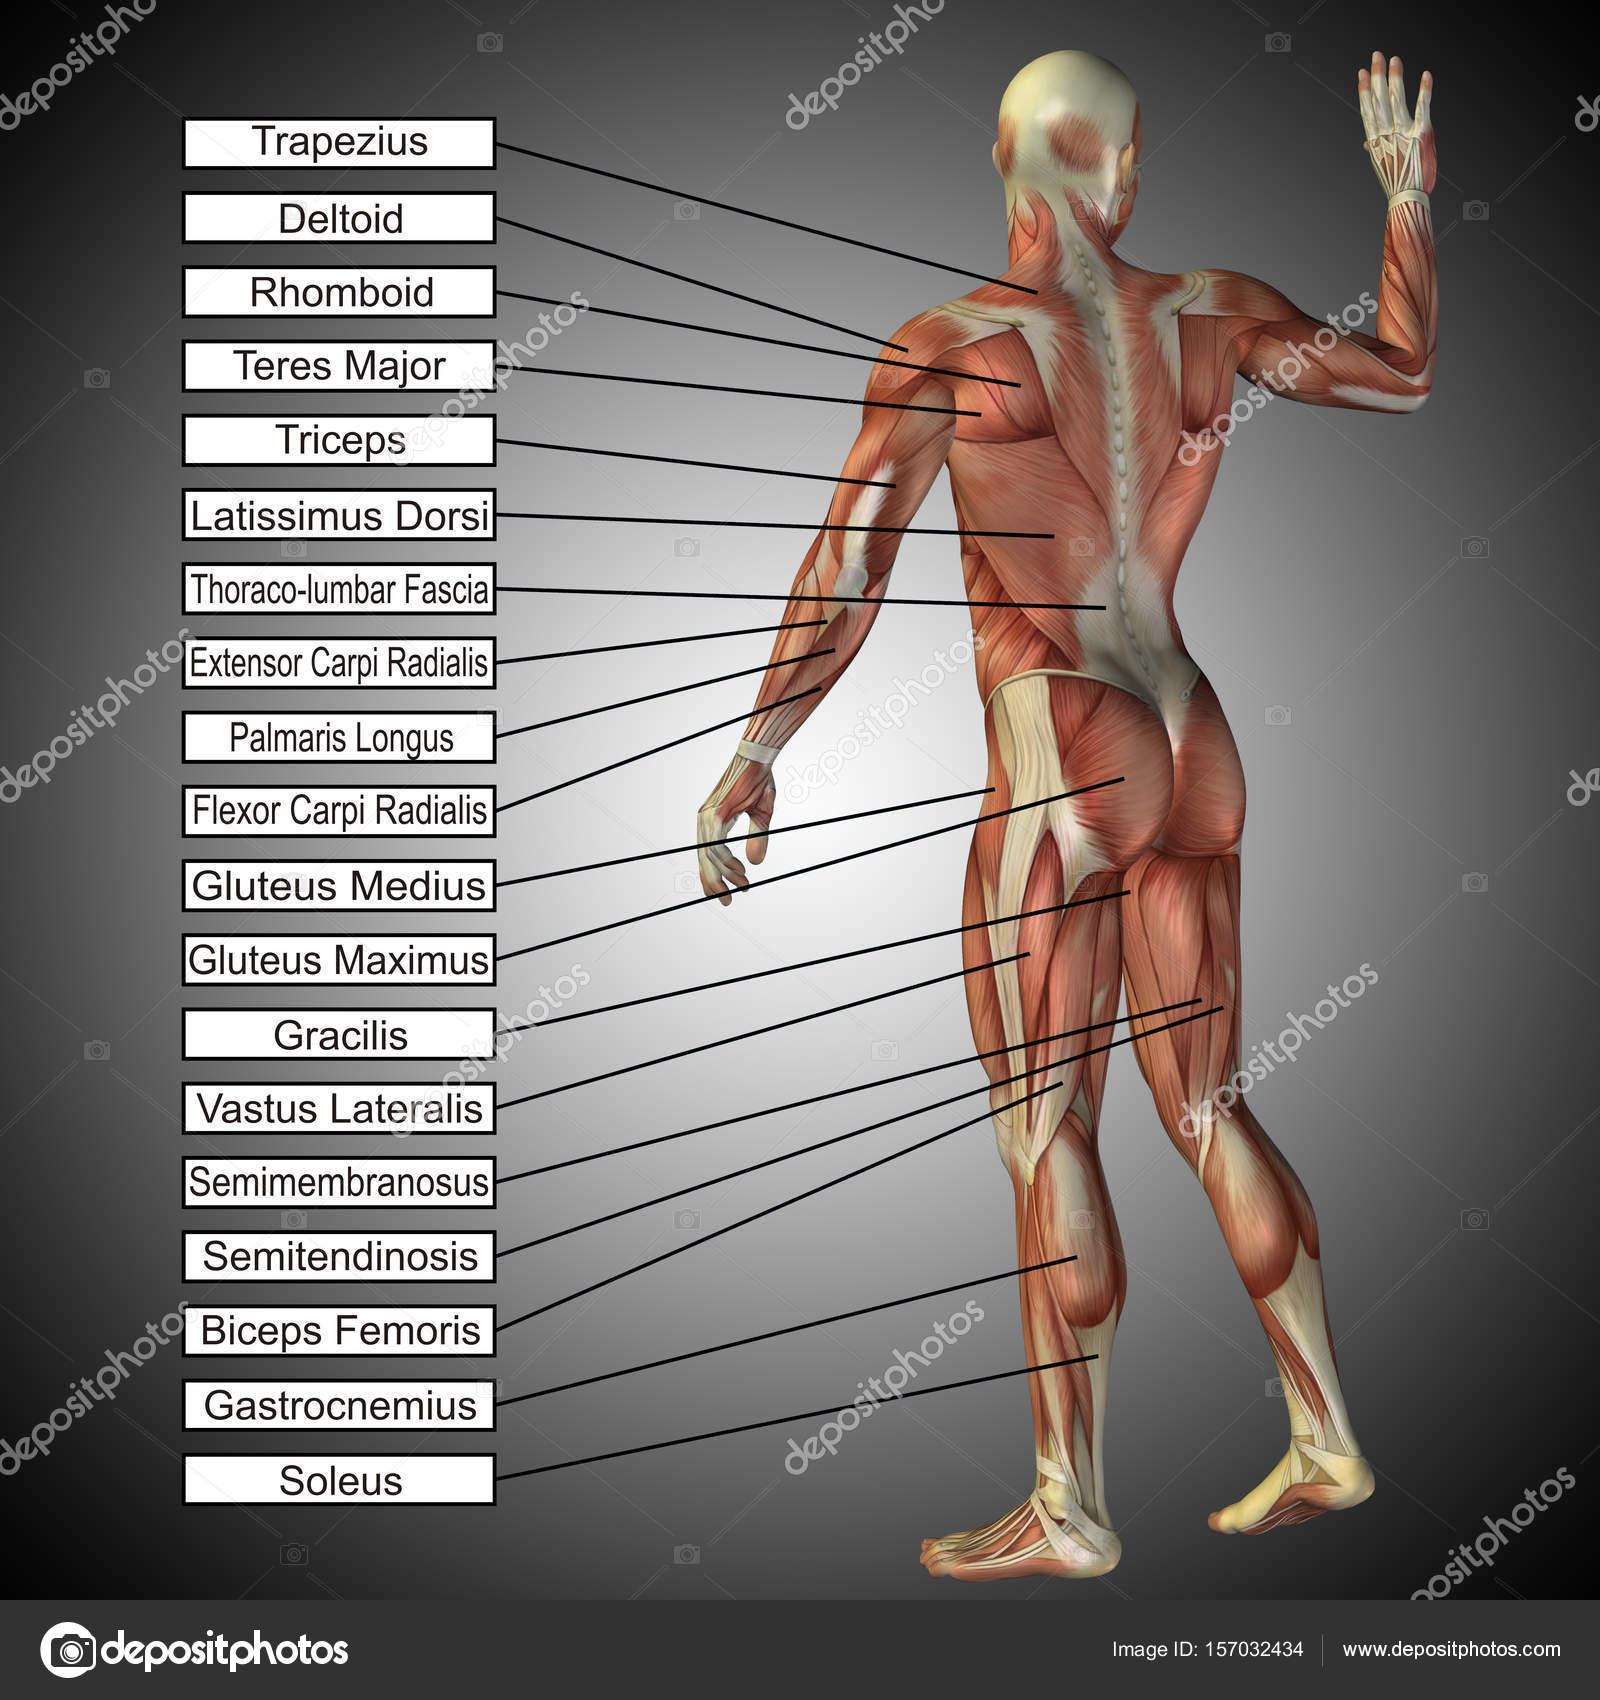 menschliche Anatomie Modell — Stockfoto © design36 #157032434